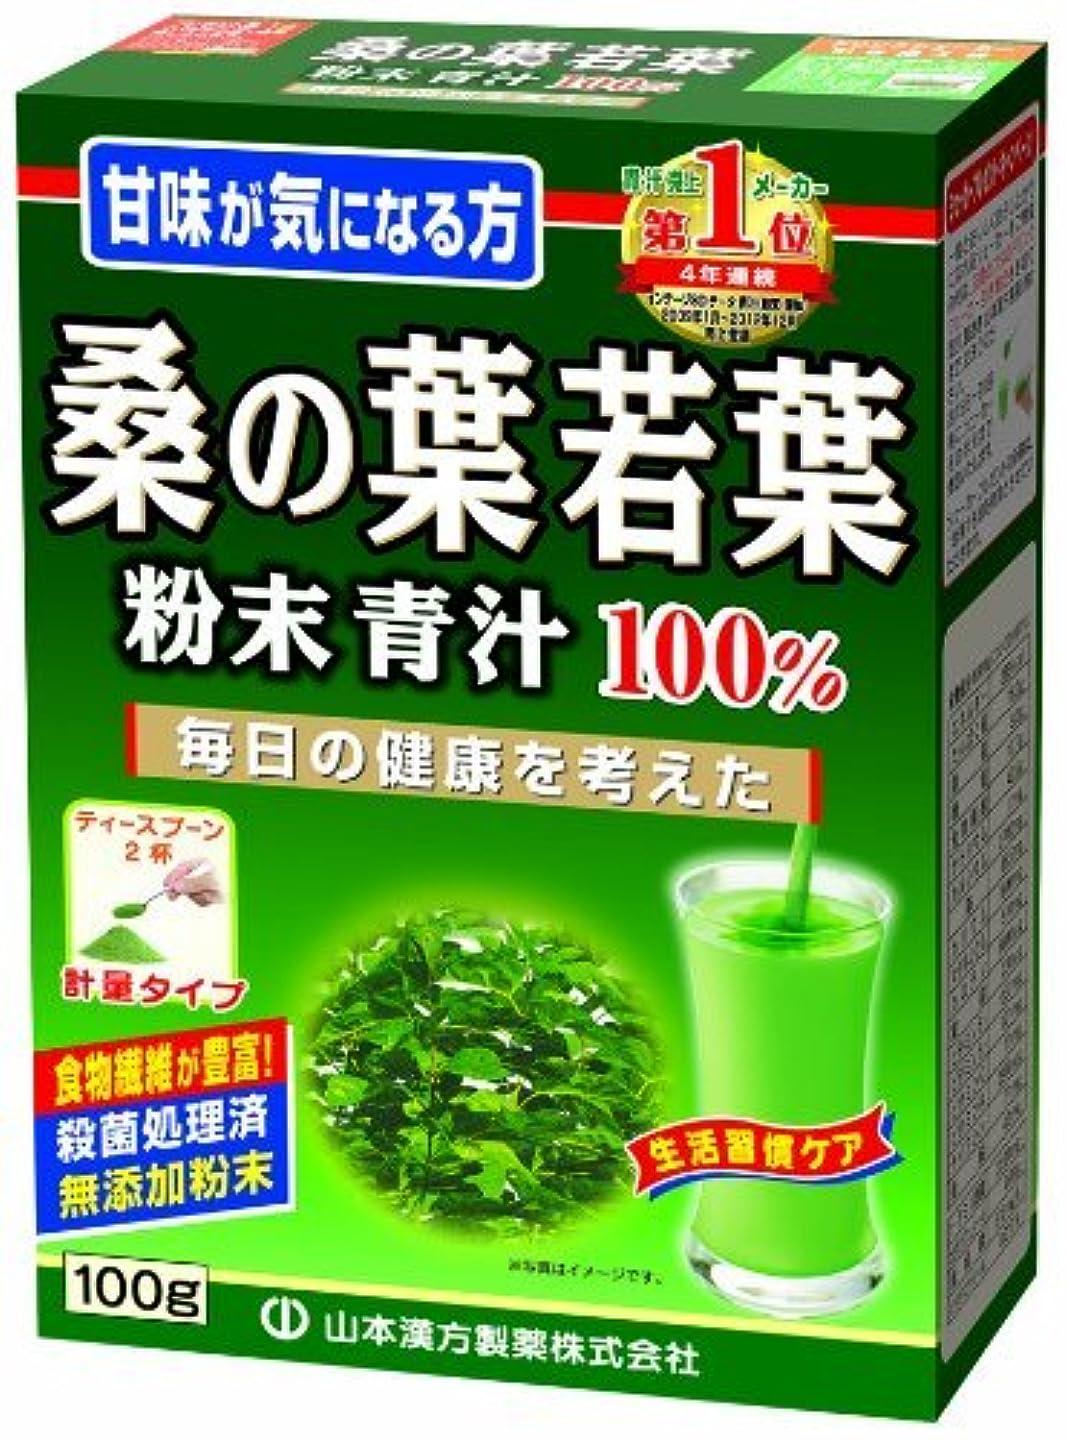 不従順かもしれない着実に山本 桑の葉青汁粉末100% 100g×(6セット)